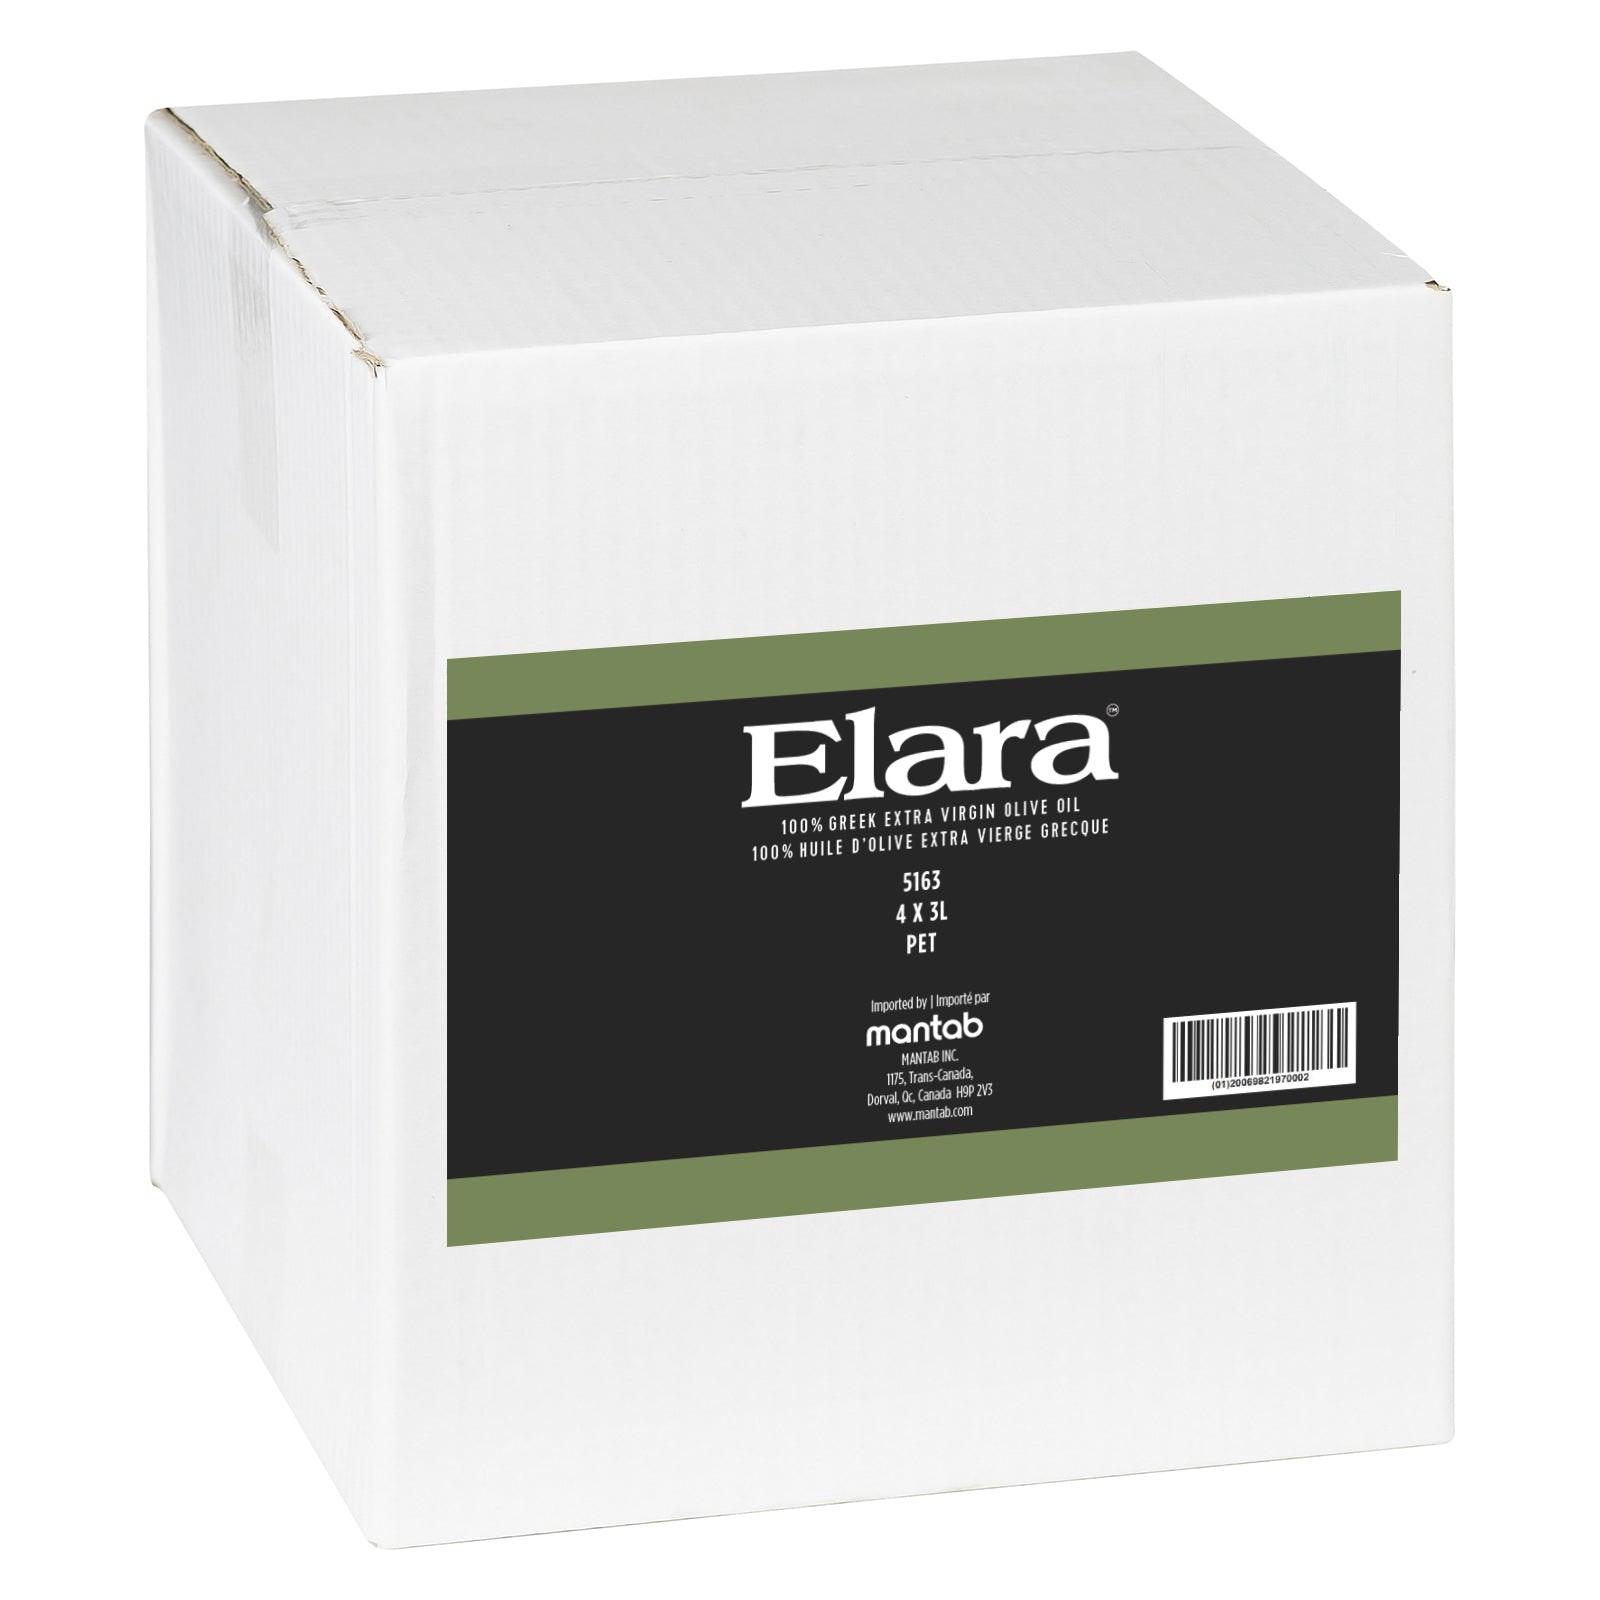 ELARA Extra virgin olive oil - Pet jar